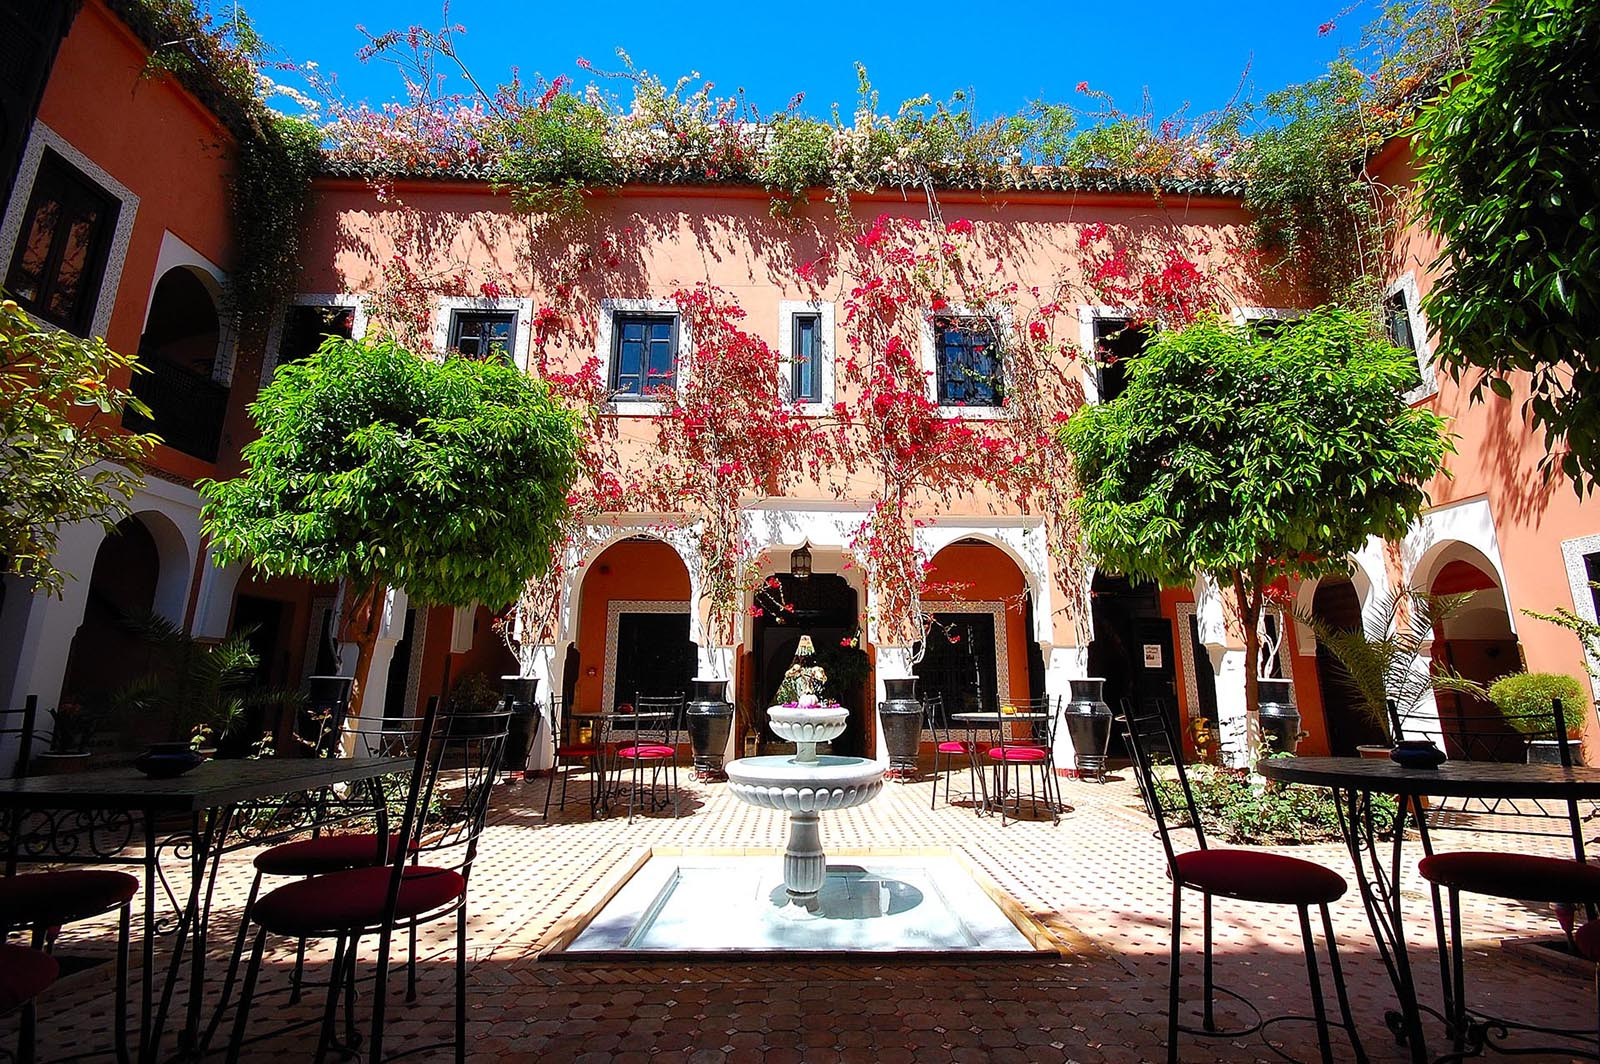 Luxury Hotel in Marrakech | Gallery